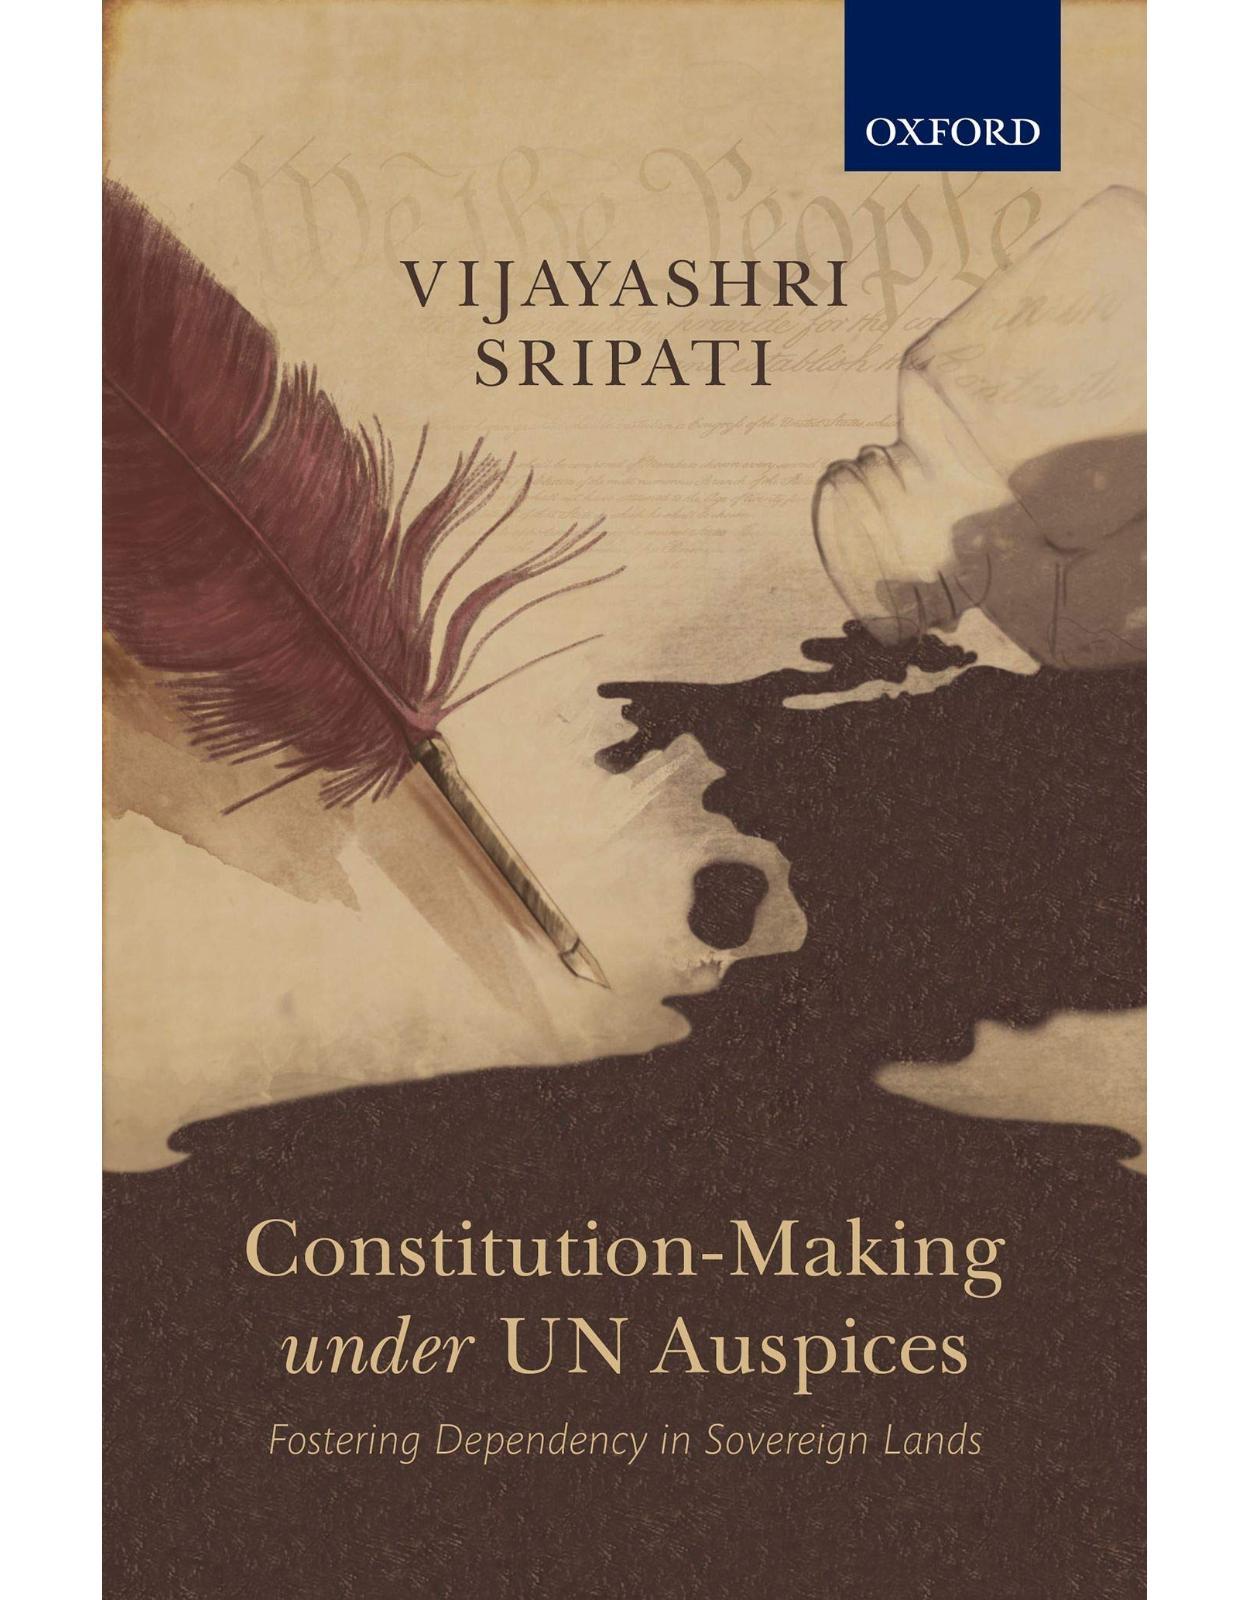 Constitution-Making under UN Auspices